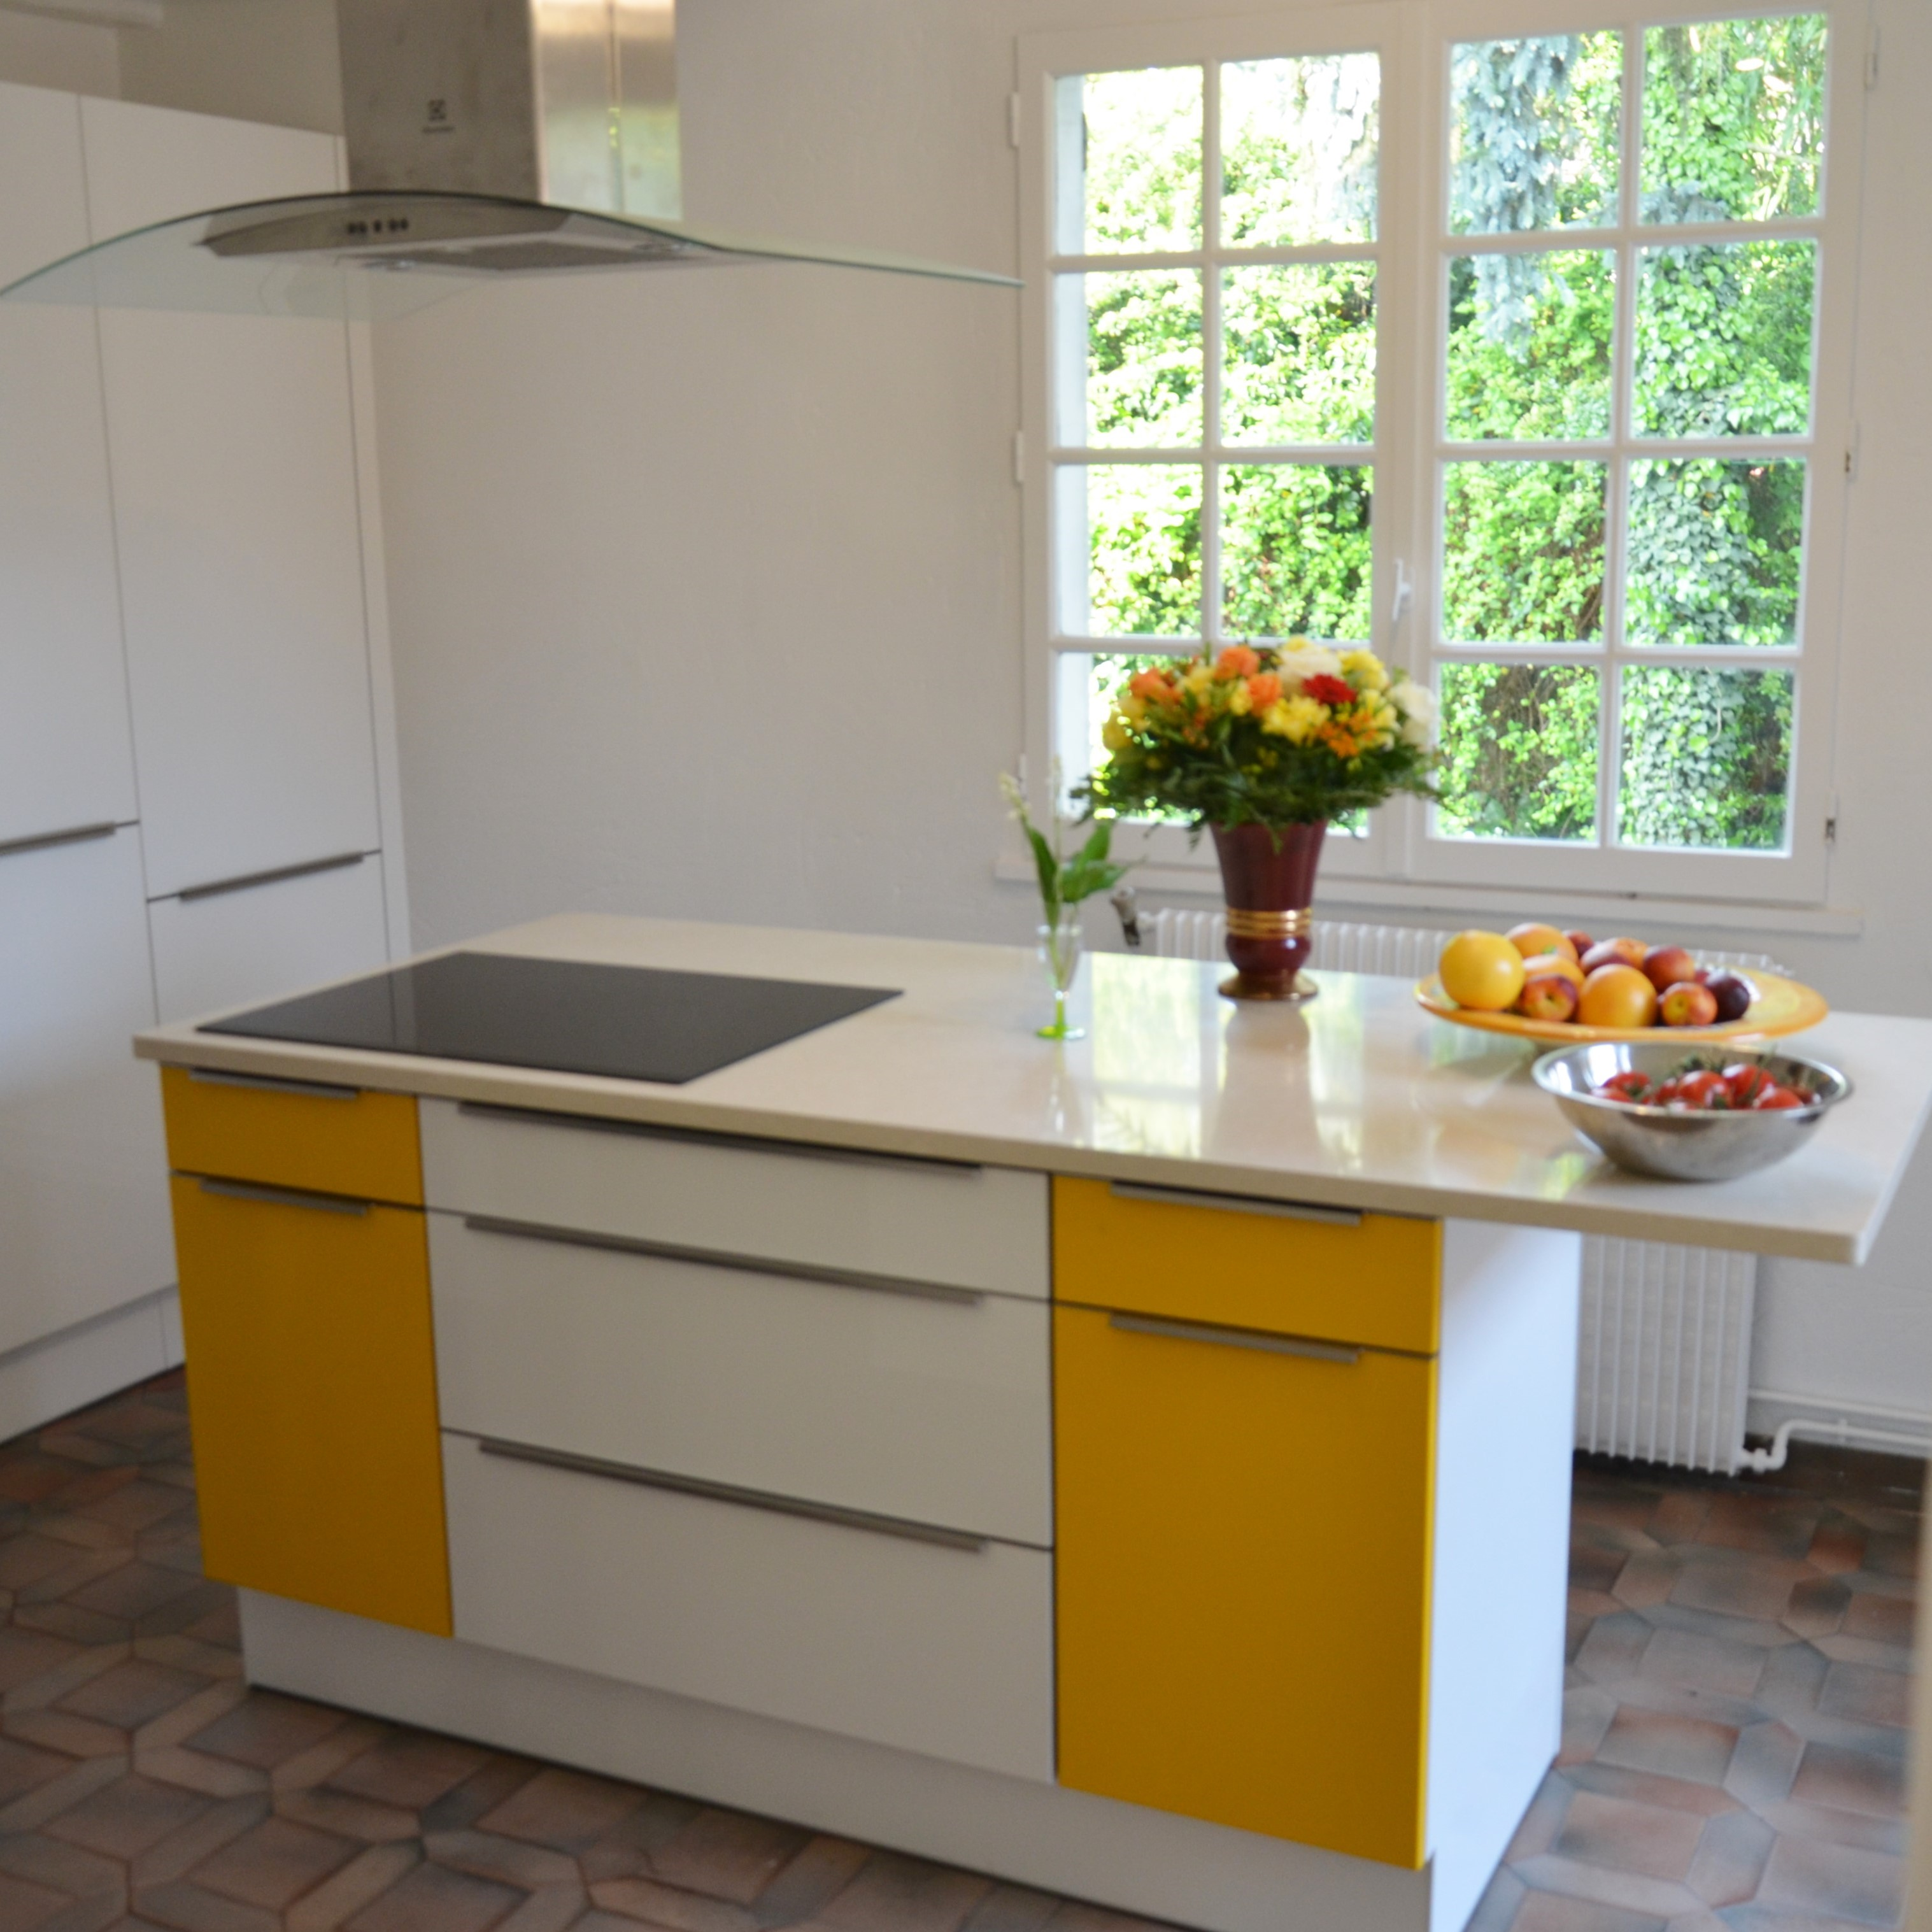 ilot cuisine sur mesure cuisine espace vivre avec lot central fonctionnel en corian armoire de. Black Bedroom Furniture Sets. Home Design Ideas